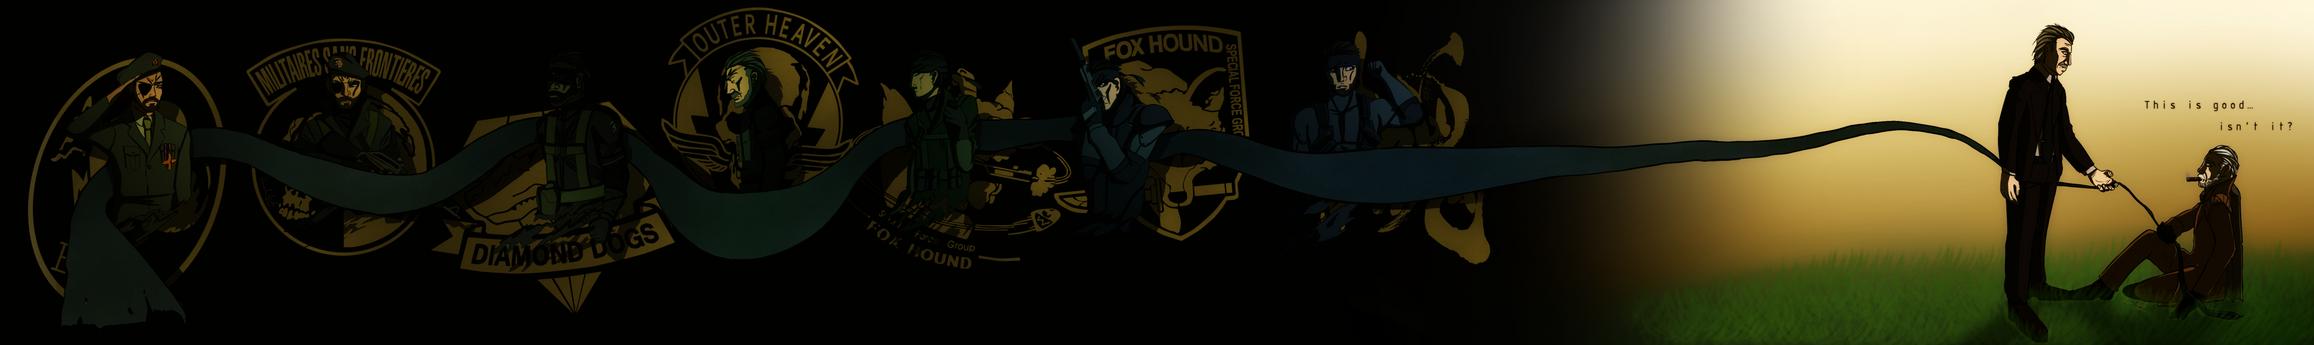 Metal Gear Saga by DarkcanxD